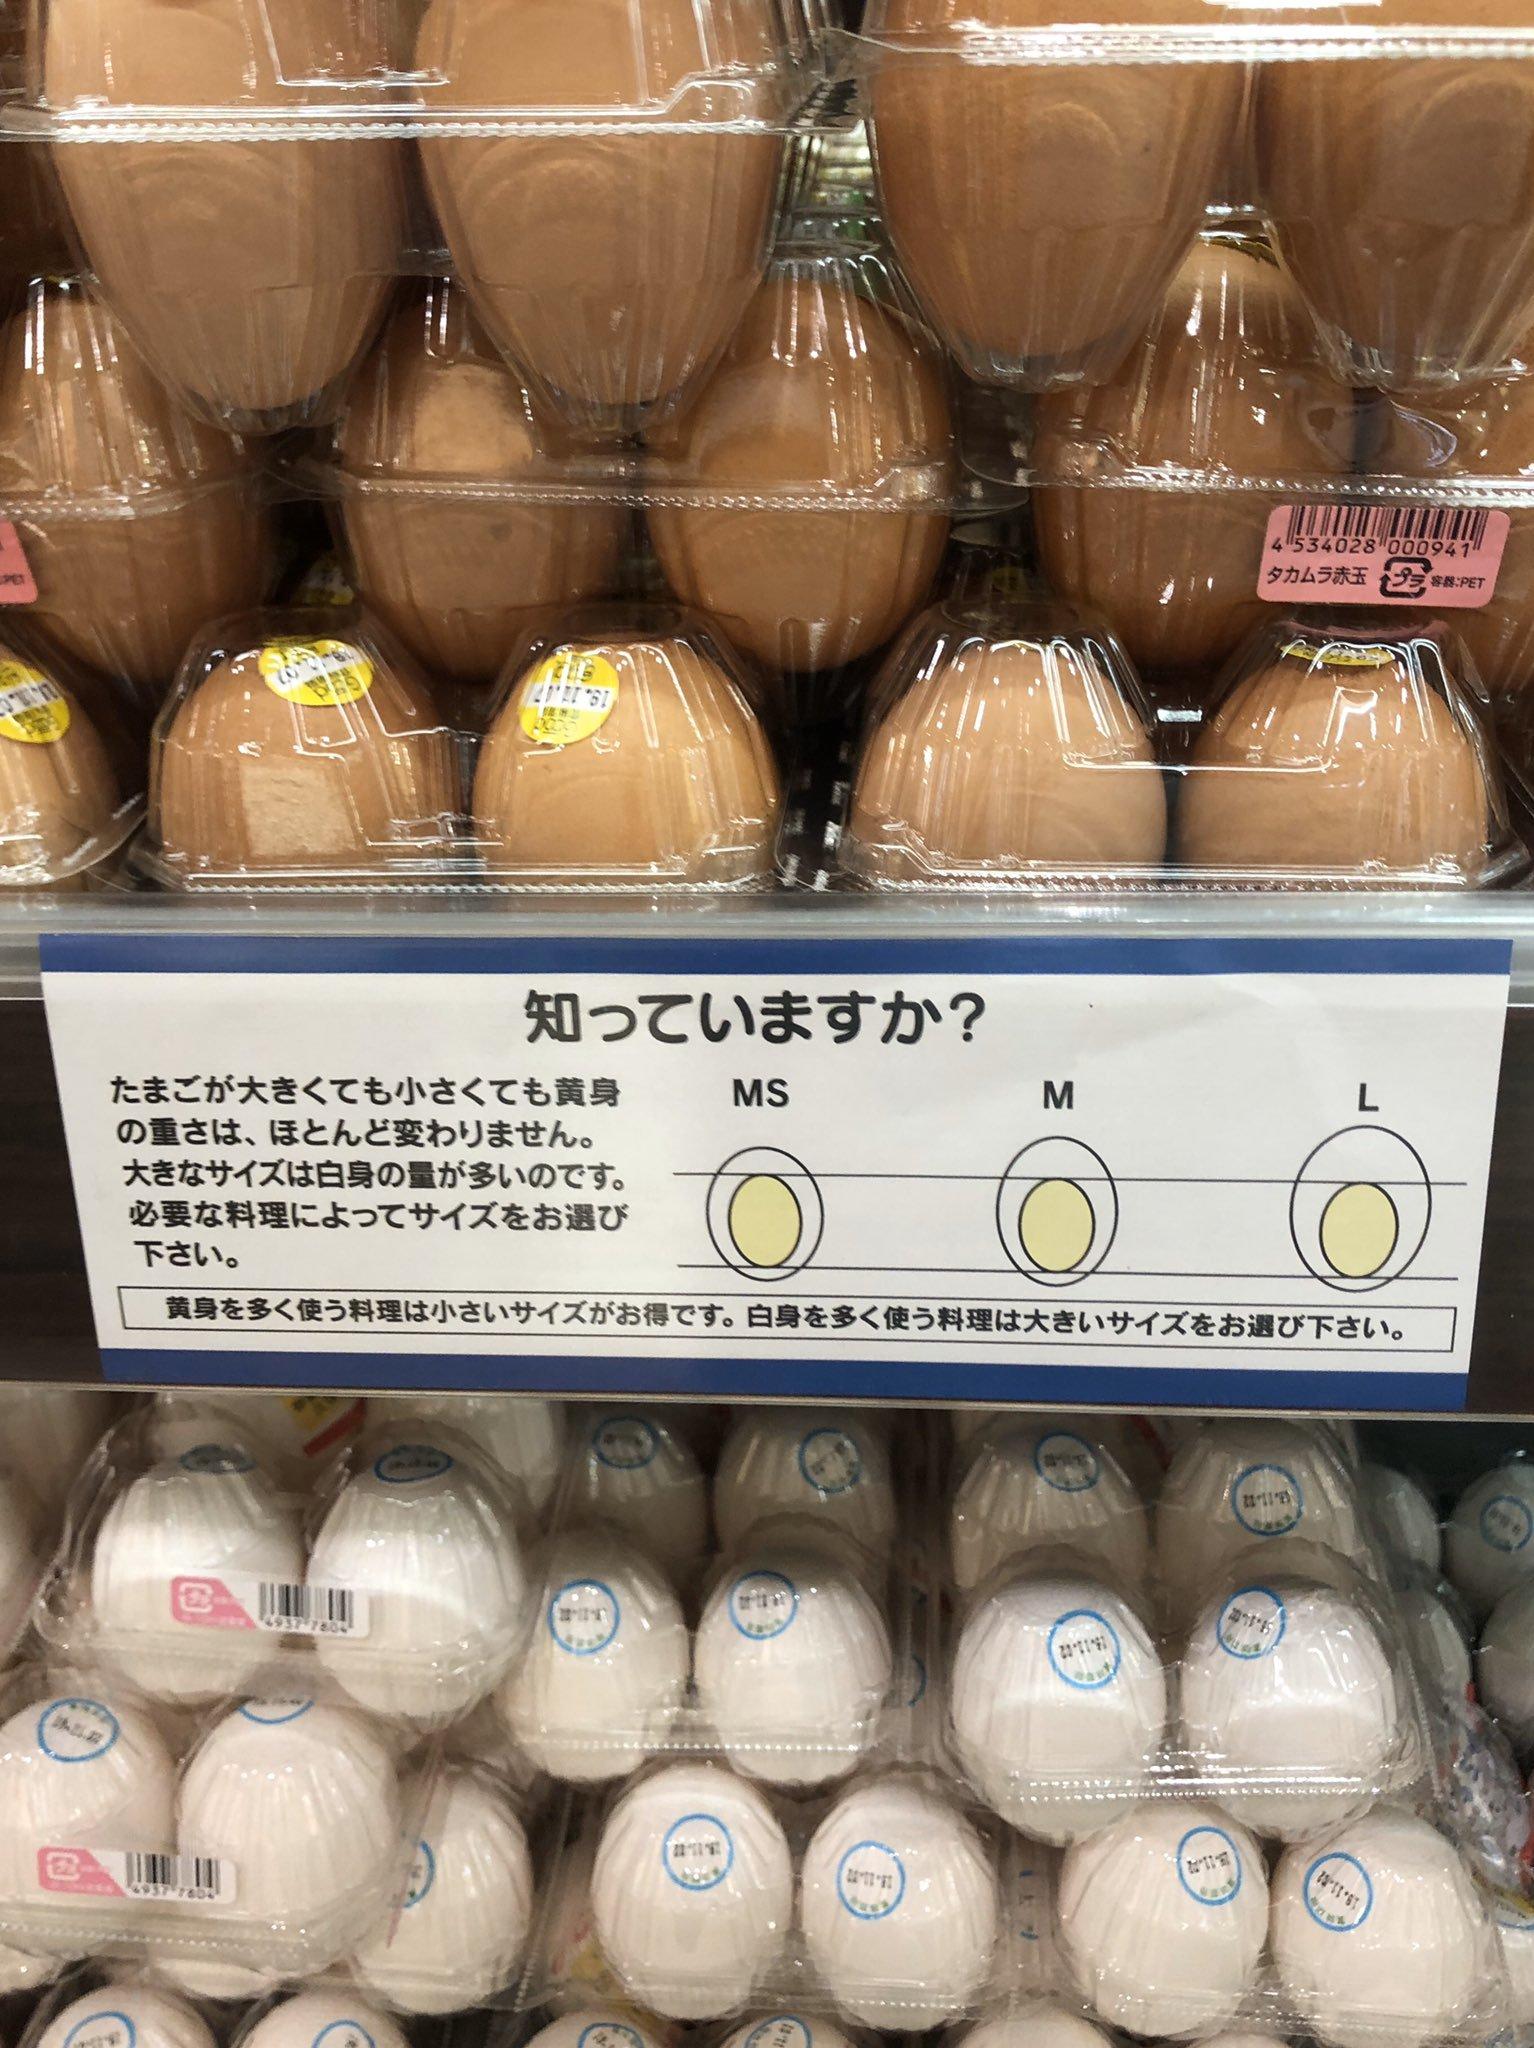 """【驚愕】たまごのサイズで """"卵黄"""" の大きさは変わらないって知ってましたか!?"""